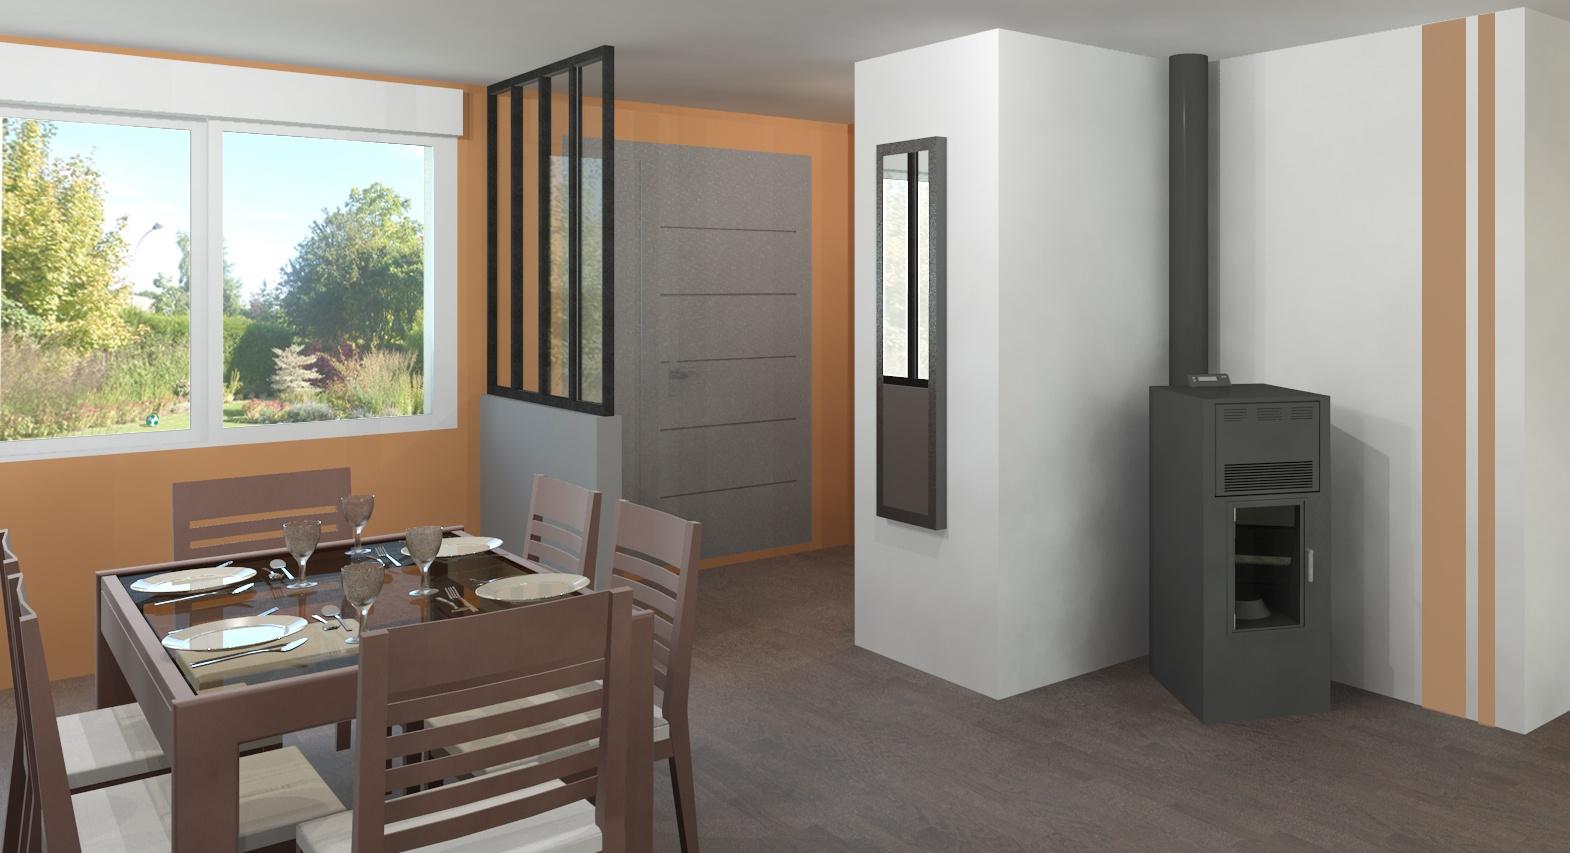 Maisons + Terrains du constructeur MAISON FAMILIALE • 116 m² • CHAINGY